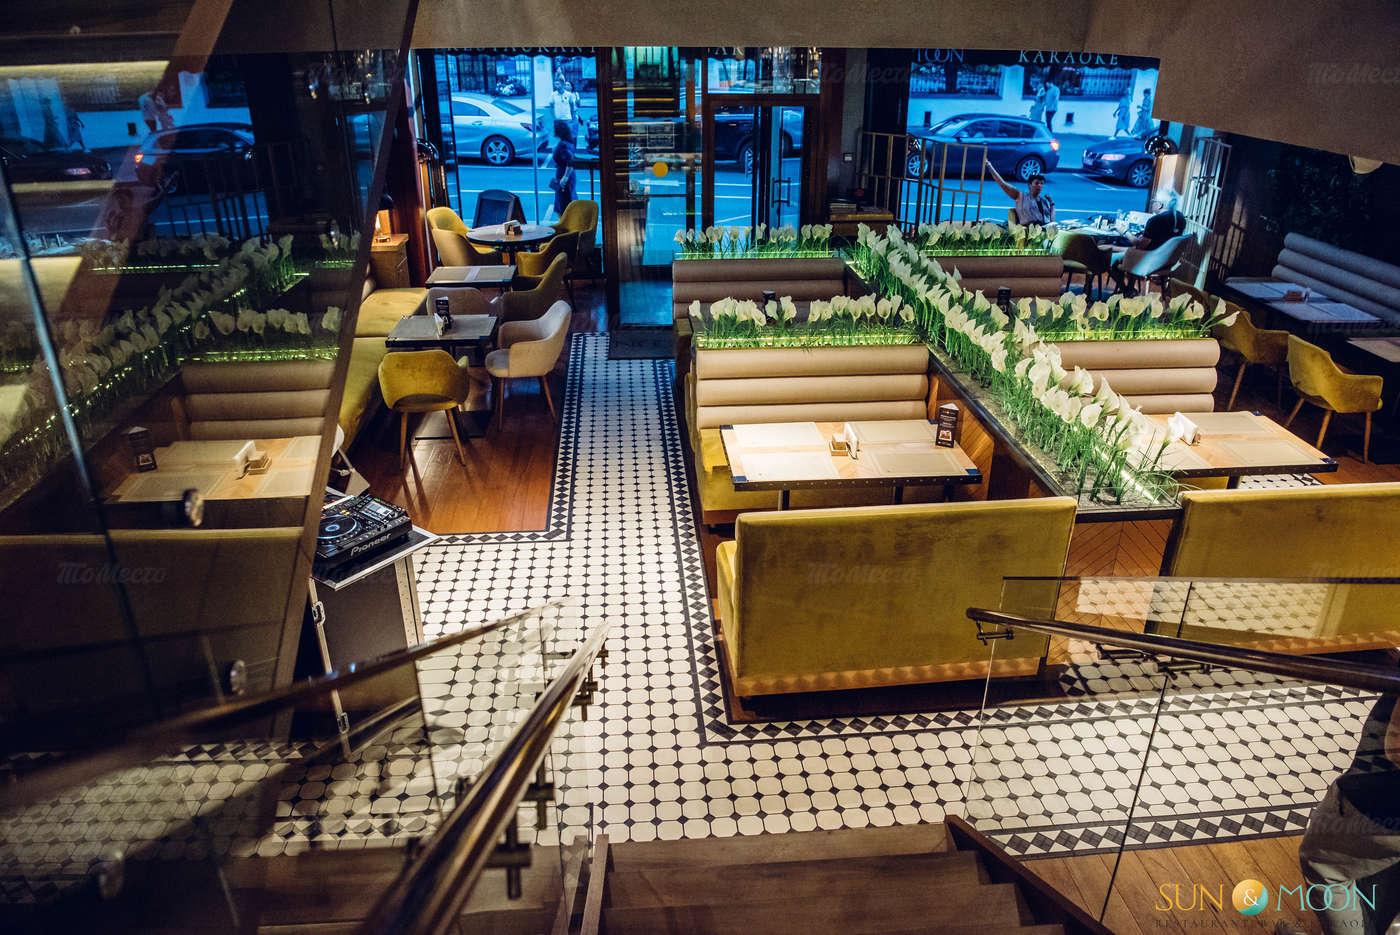 Ресторан Sun & Moon (Сан энд Мун) на Большой Никитской фото 8